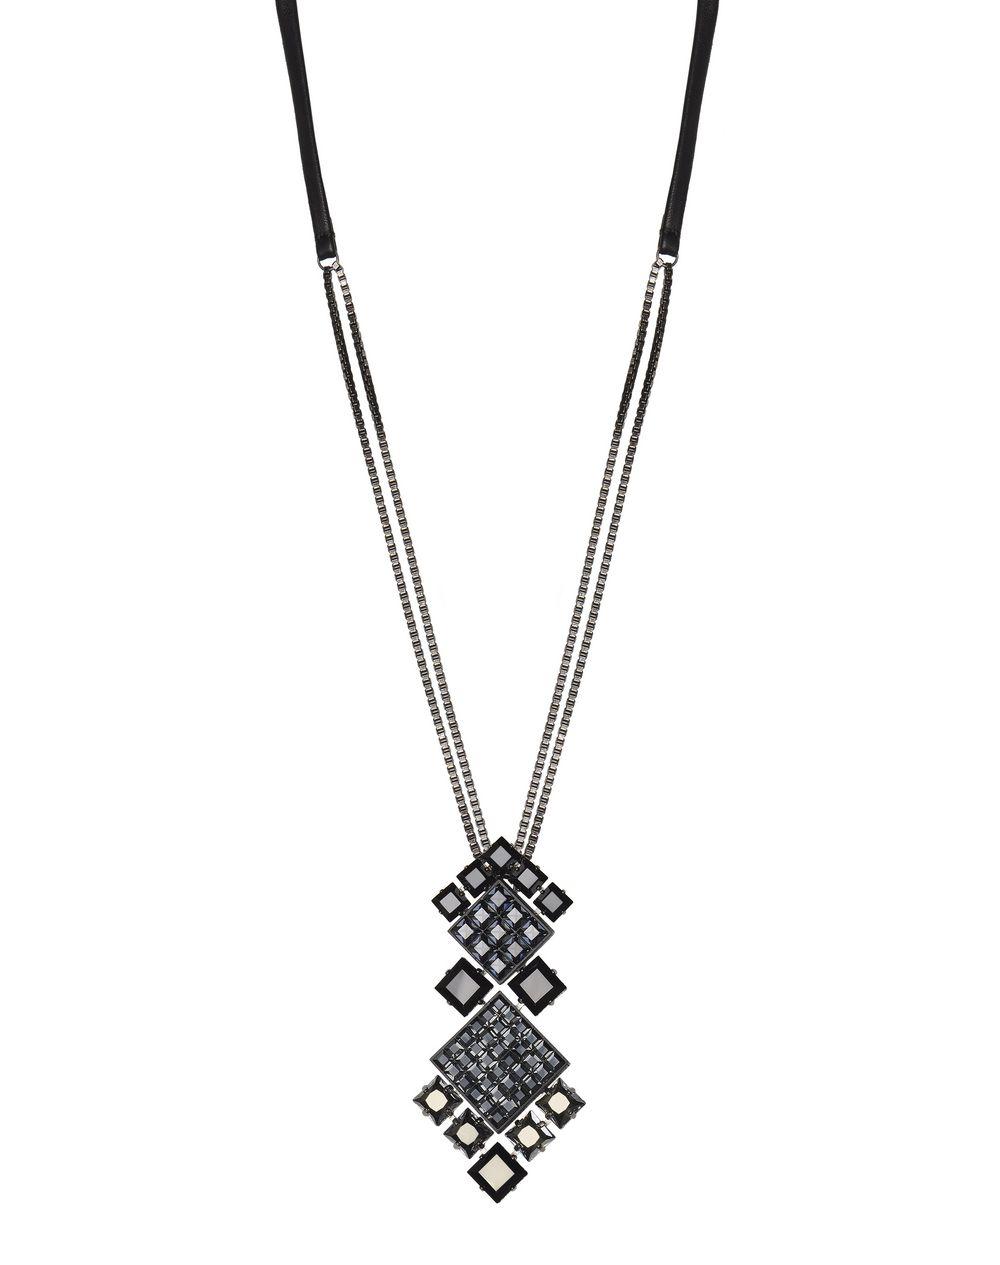 Collier Diamond Square composée de diamants en pierres Swarovski de couleur noireLanvin – Prix €995